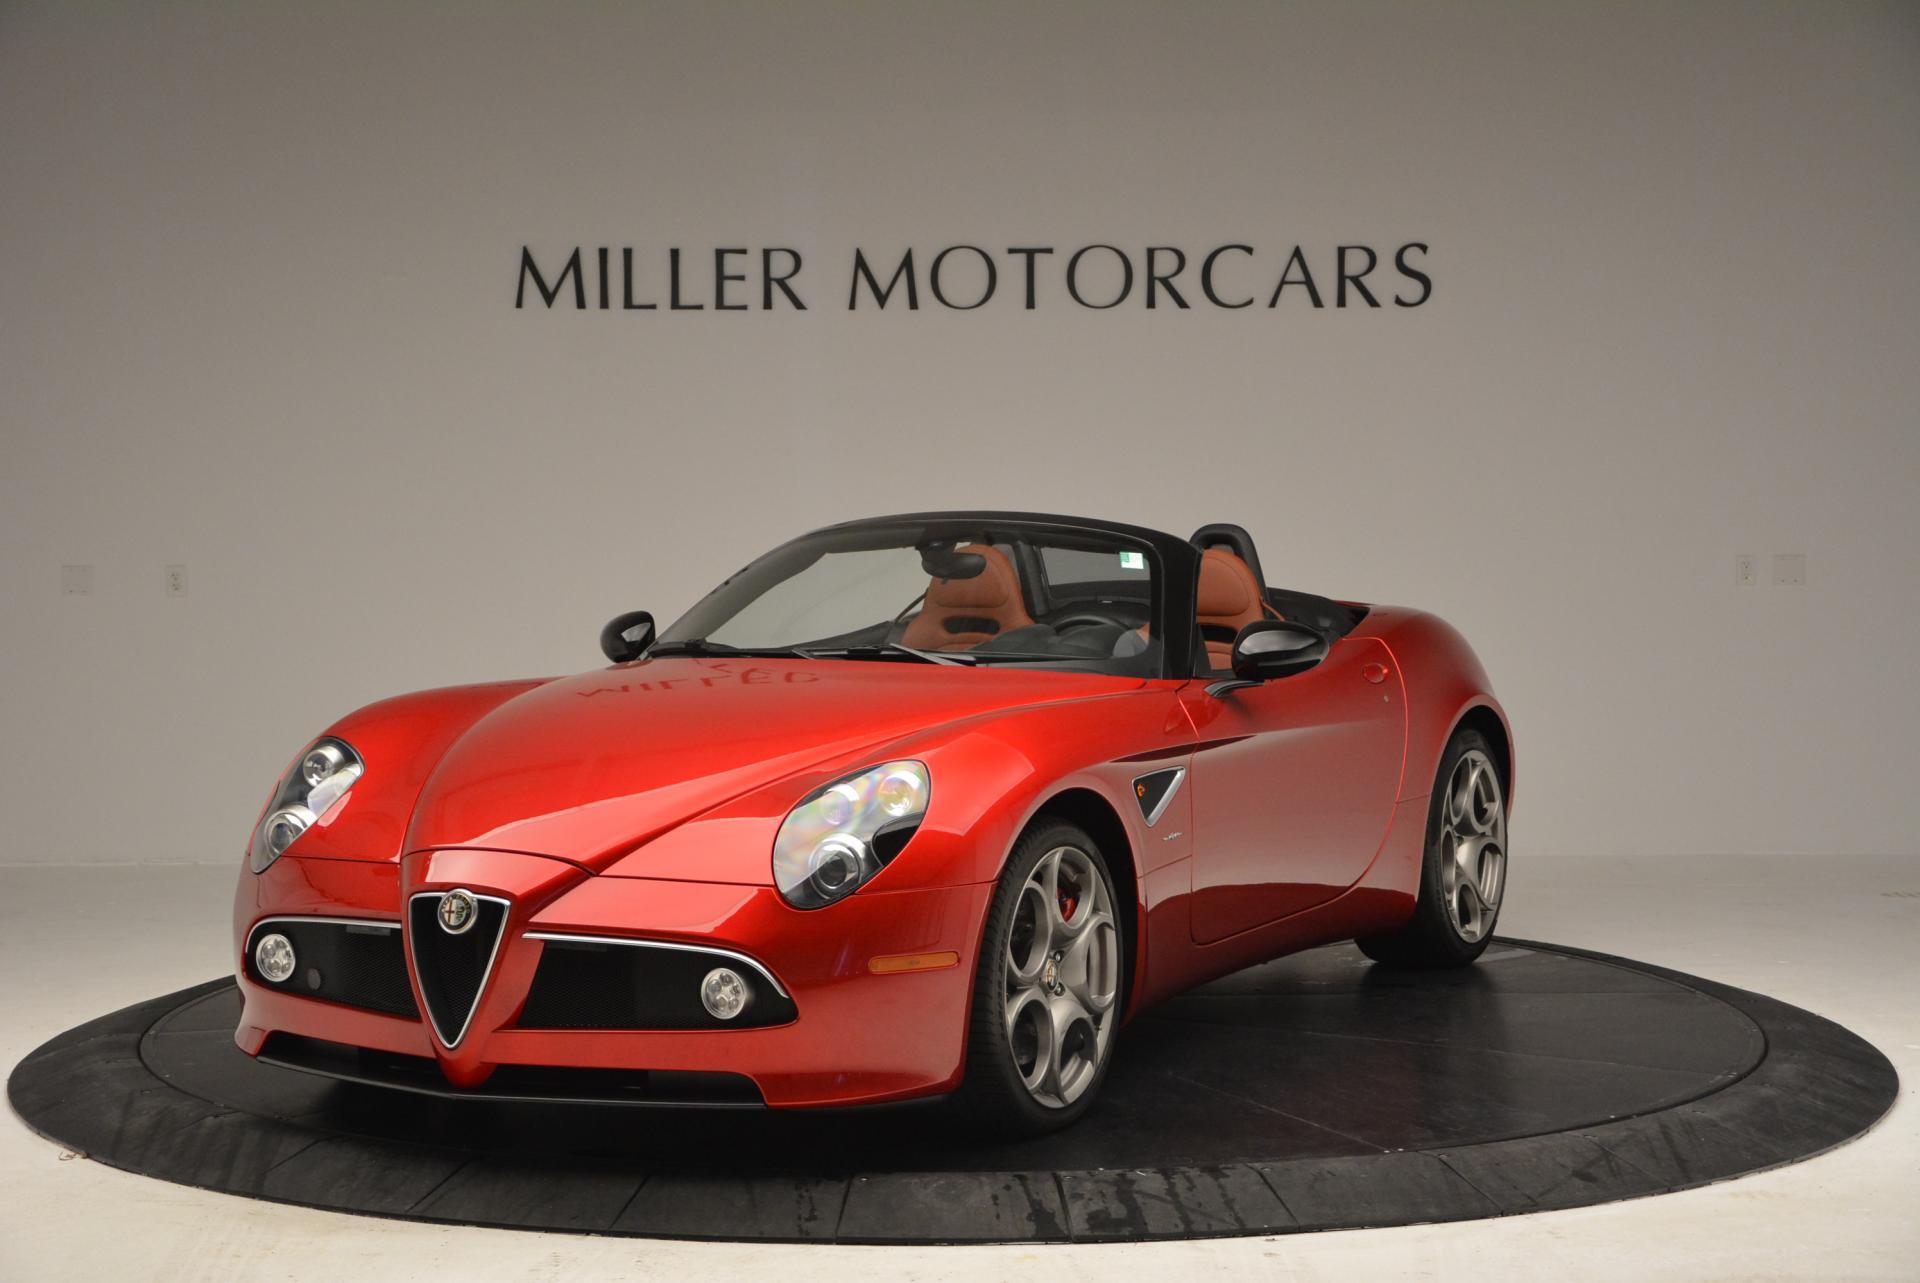 Used 2009 Alfa Romeo 8C Competizione Spider for sale $353,900 at Bugatti of Greenwich in Greenwich CT 06830 1